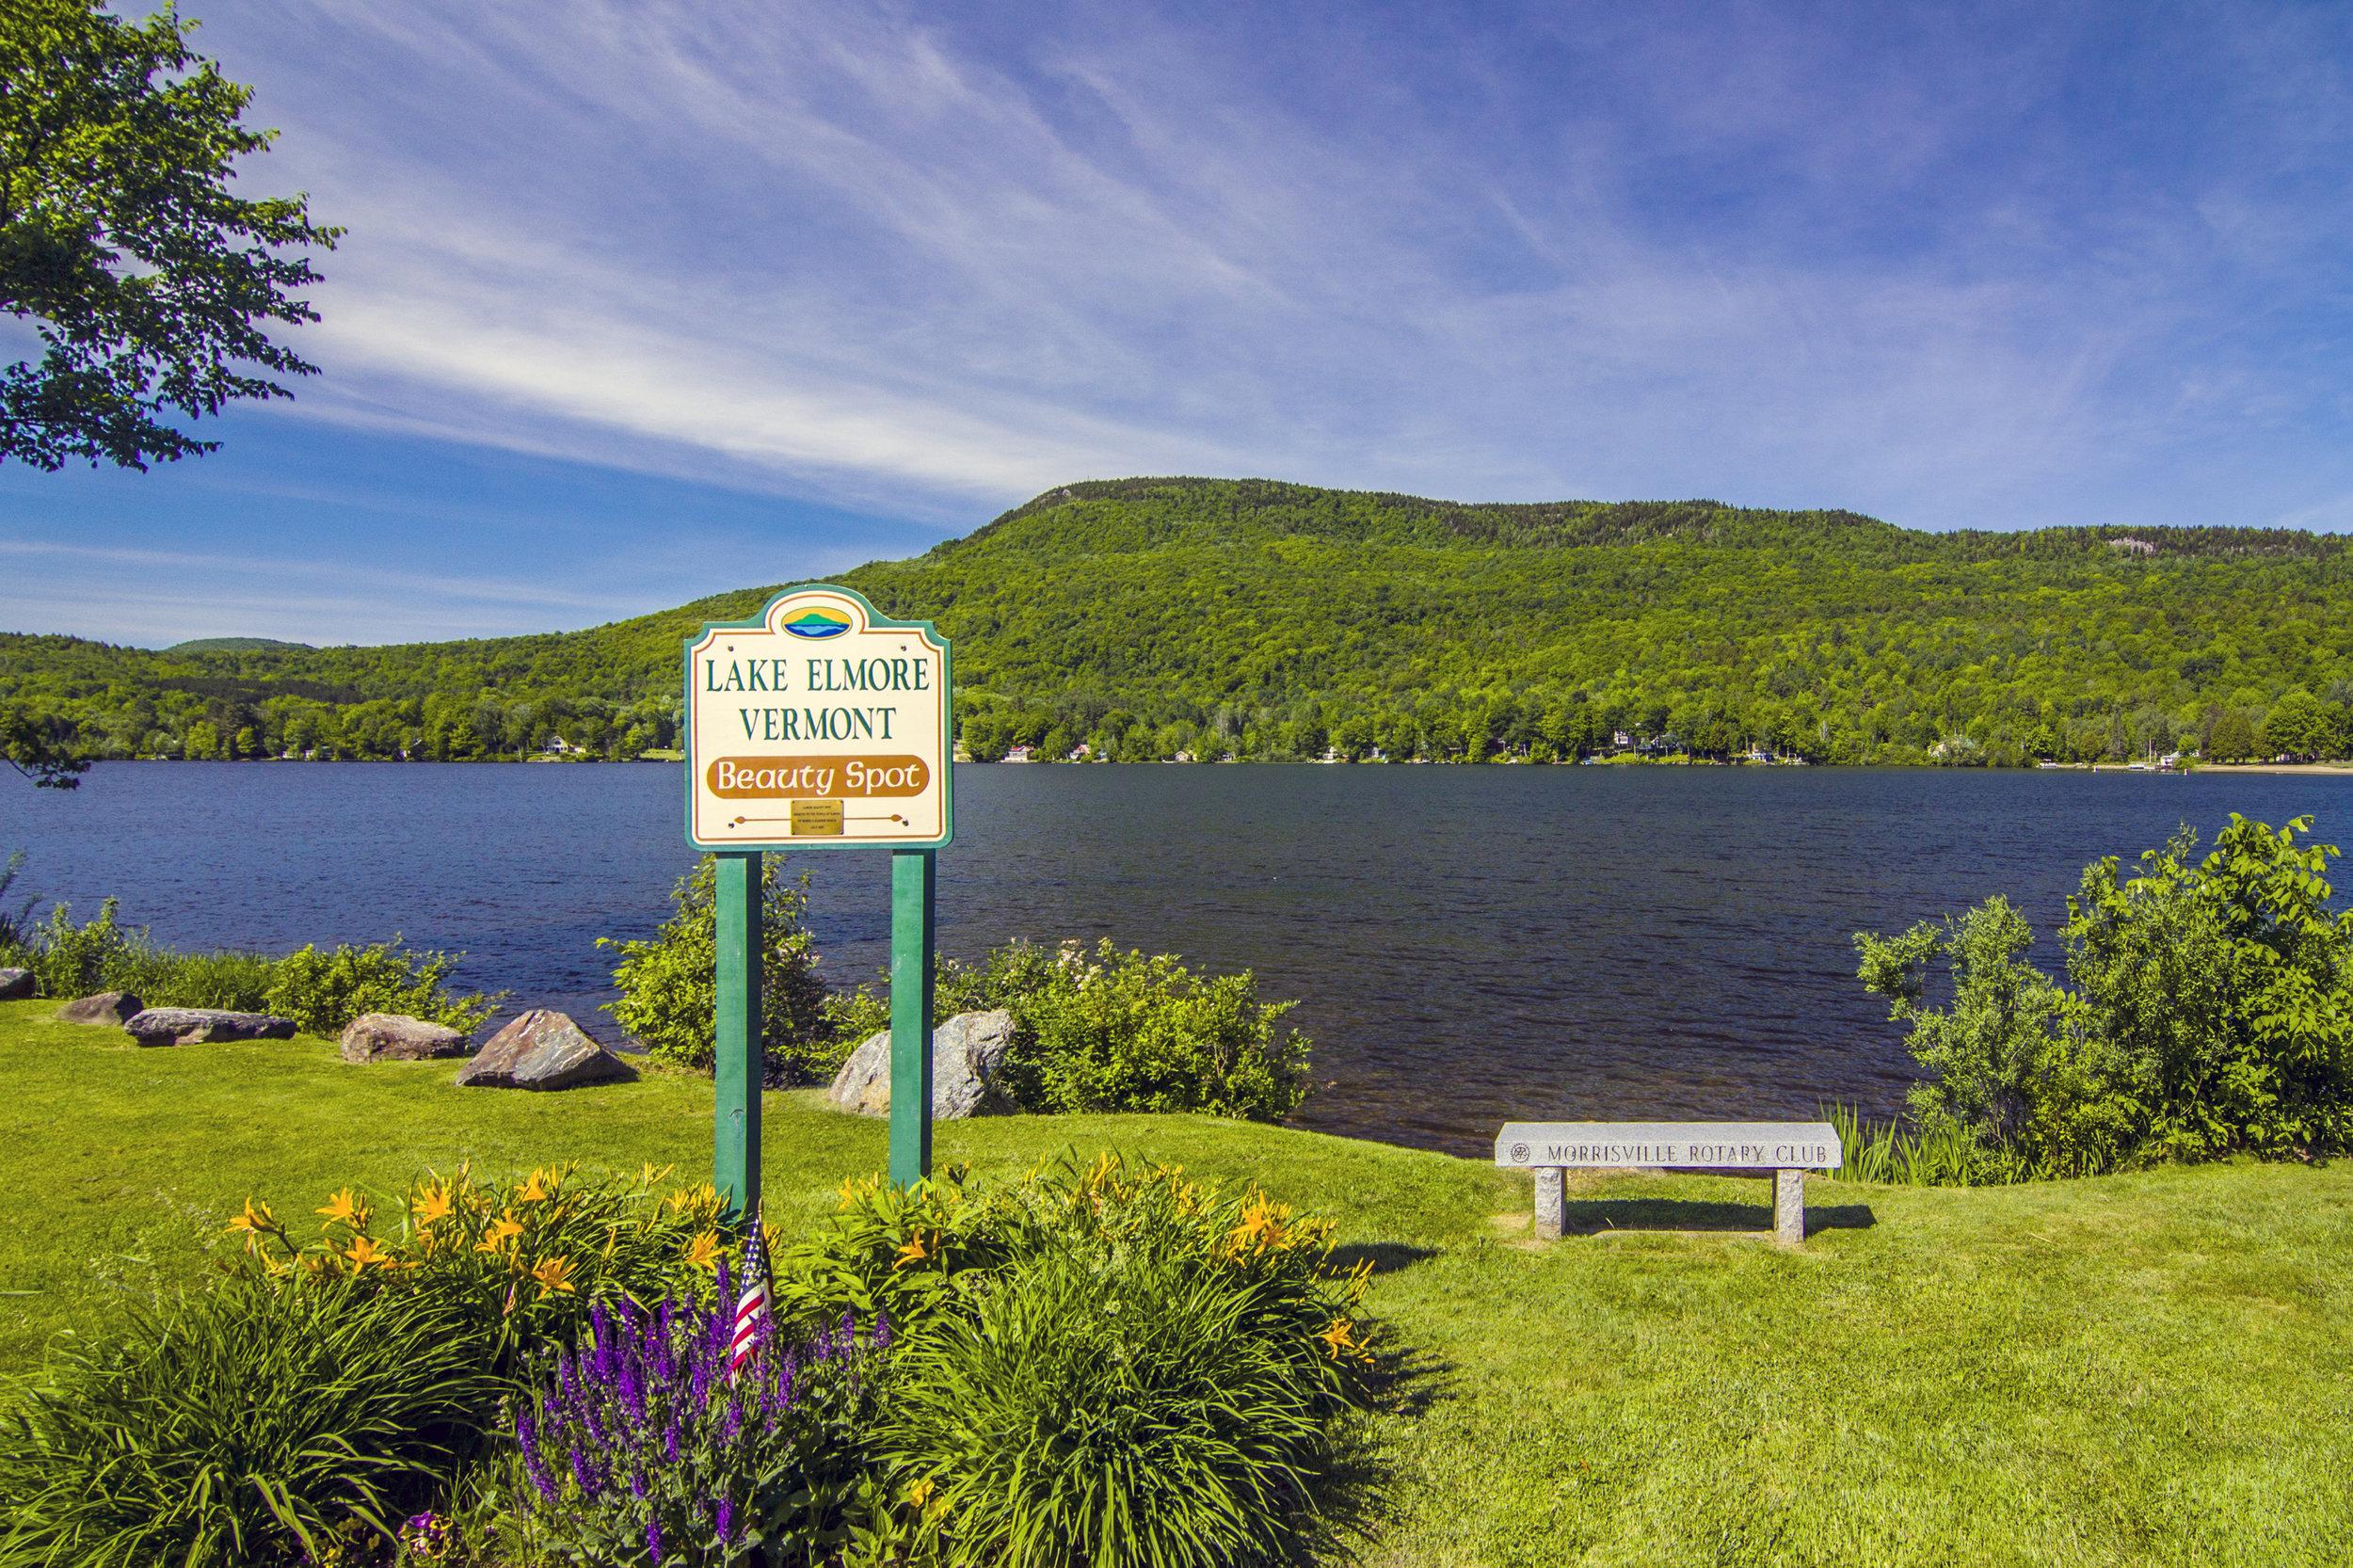 22-2017-06-14 IMG_3754 Dumont - Lake Elmore sign.jpg